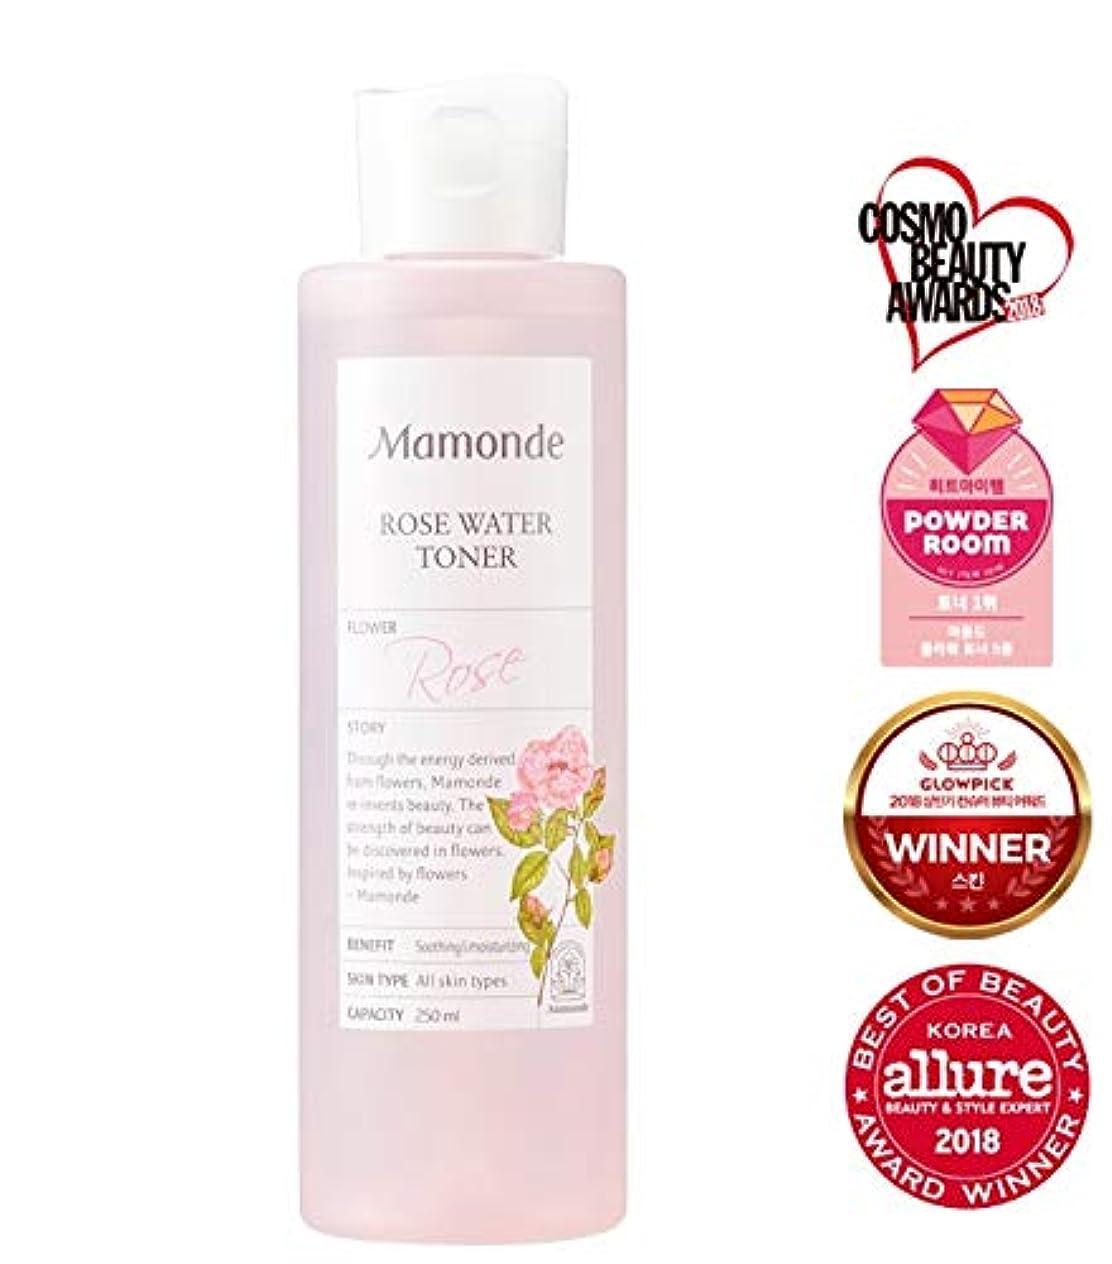 十理論統治するMomonde マモンドローズウォータートナー250ml韓国の有名化粧品ブランドの人気トナー肌の洗浄、皮膚の保湿の水分補給スキンケア